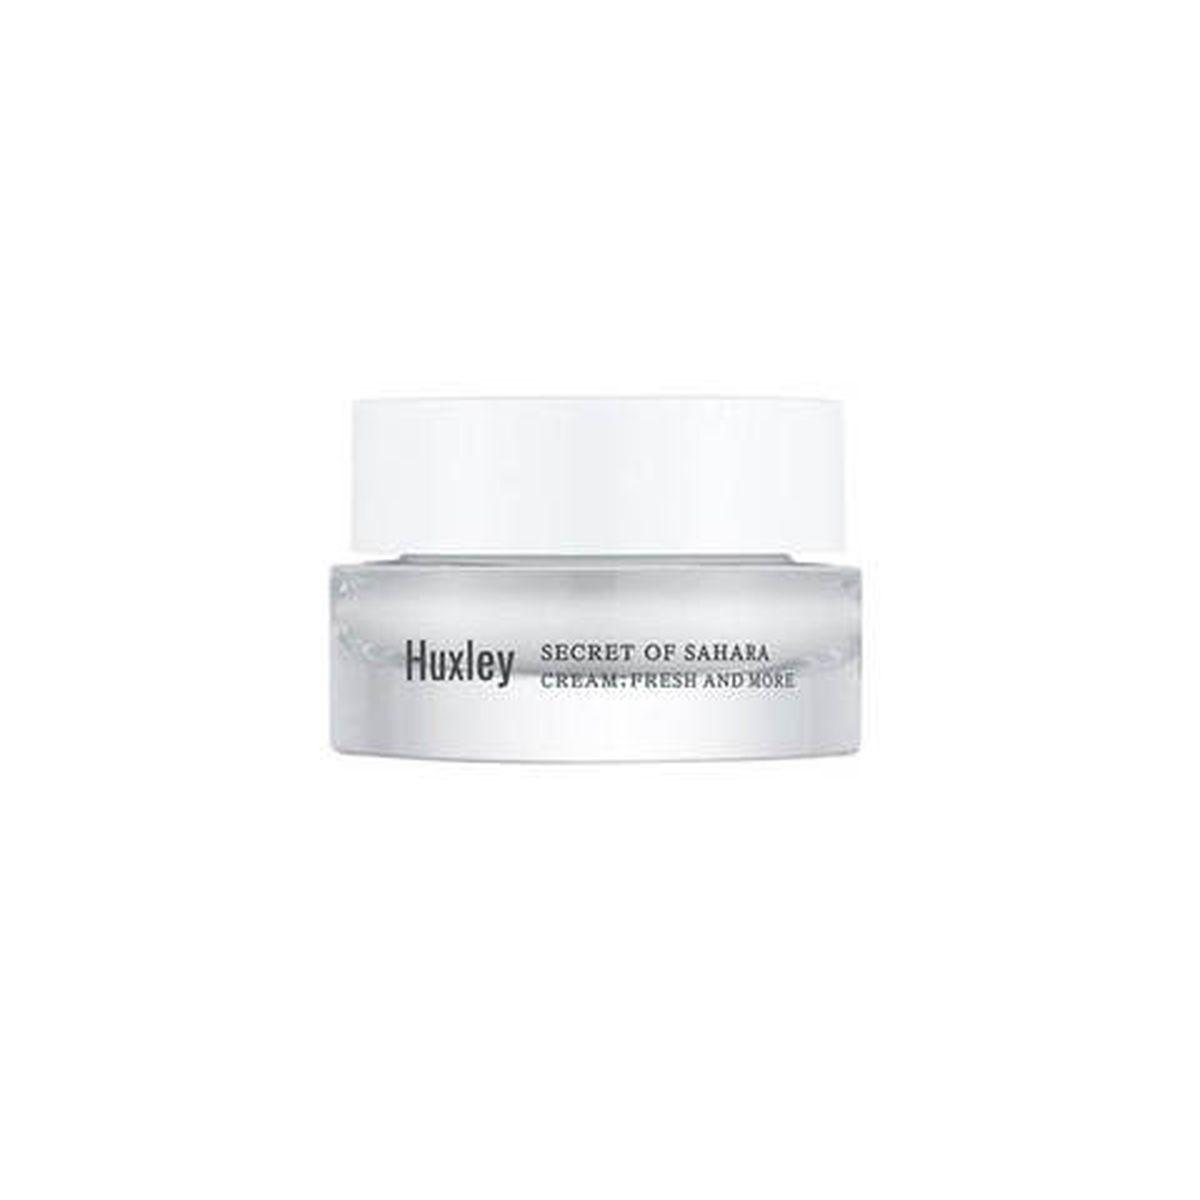 Миниатюра освежающего крема с экстрактом кактуса Huxley Cream Fresh And More - 7 мл